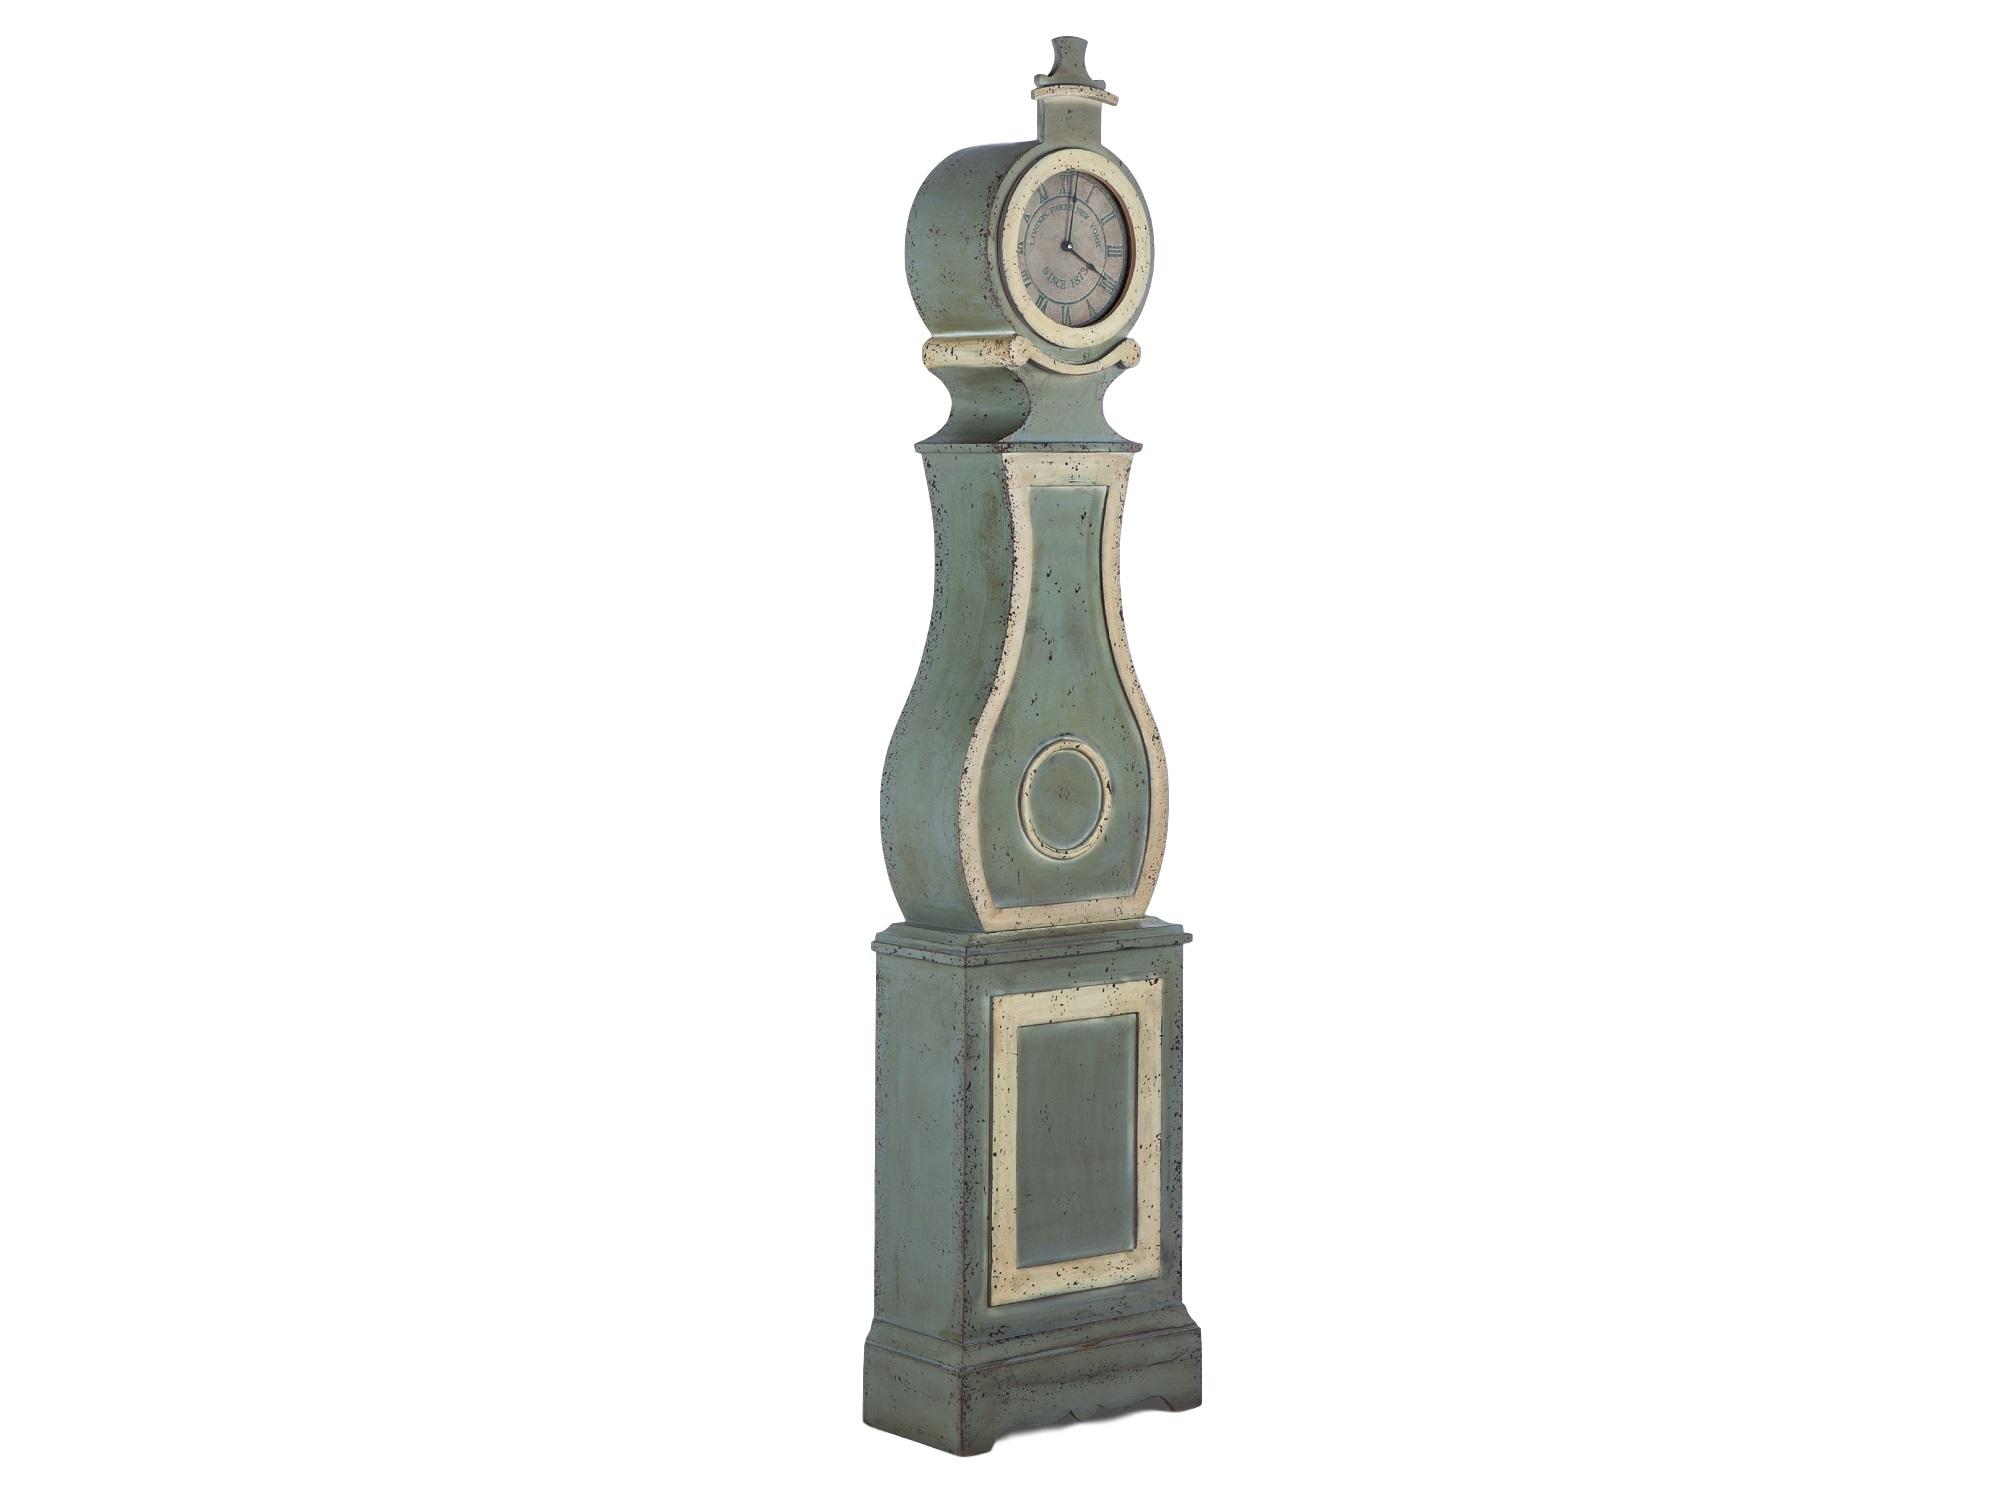 Часы напольныеНапольные часы<br>Состаренные напольные часы в стиле прованс.&amp;lt;div&amp;gt;&amp;lt;br&amp;gt;&amp;lt;/div&amp;gt;&amp;lt;div&amp;gt;Материал: MDF&amp;lt;br&amp;gt;&amp;lt;/div&amp;gt;&amp;lt;div&amp;gt;Механизм: Кварцевый&amp;lt;/div&amp;gt;<br><br>Material: Дерево